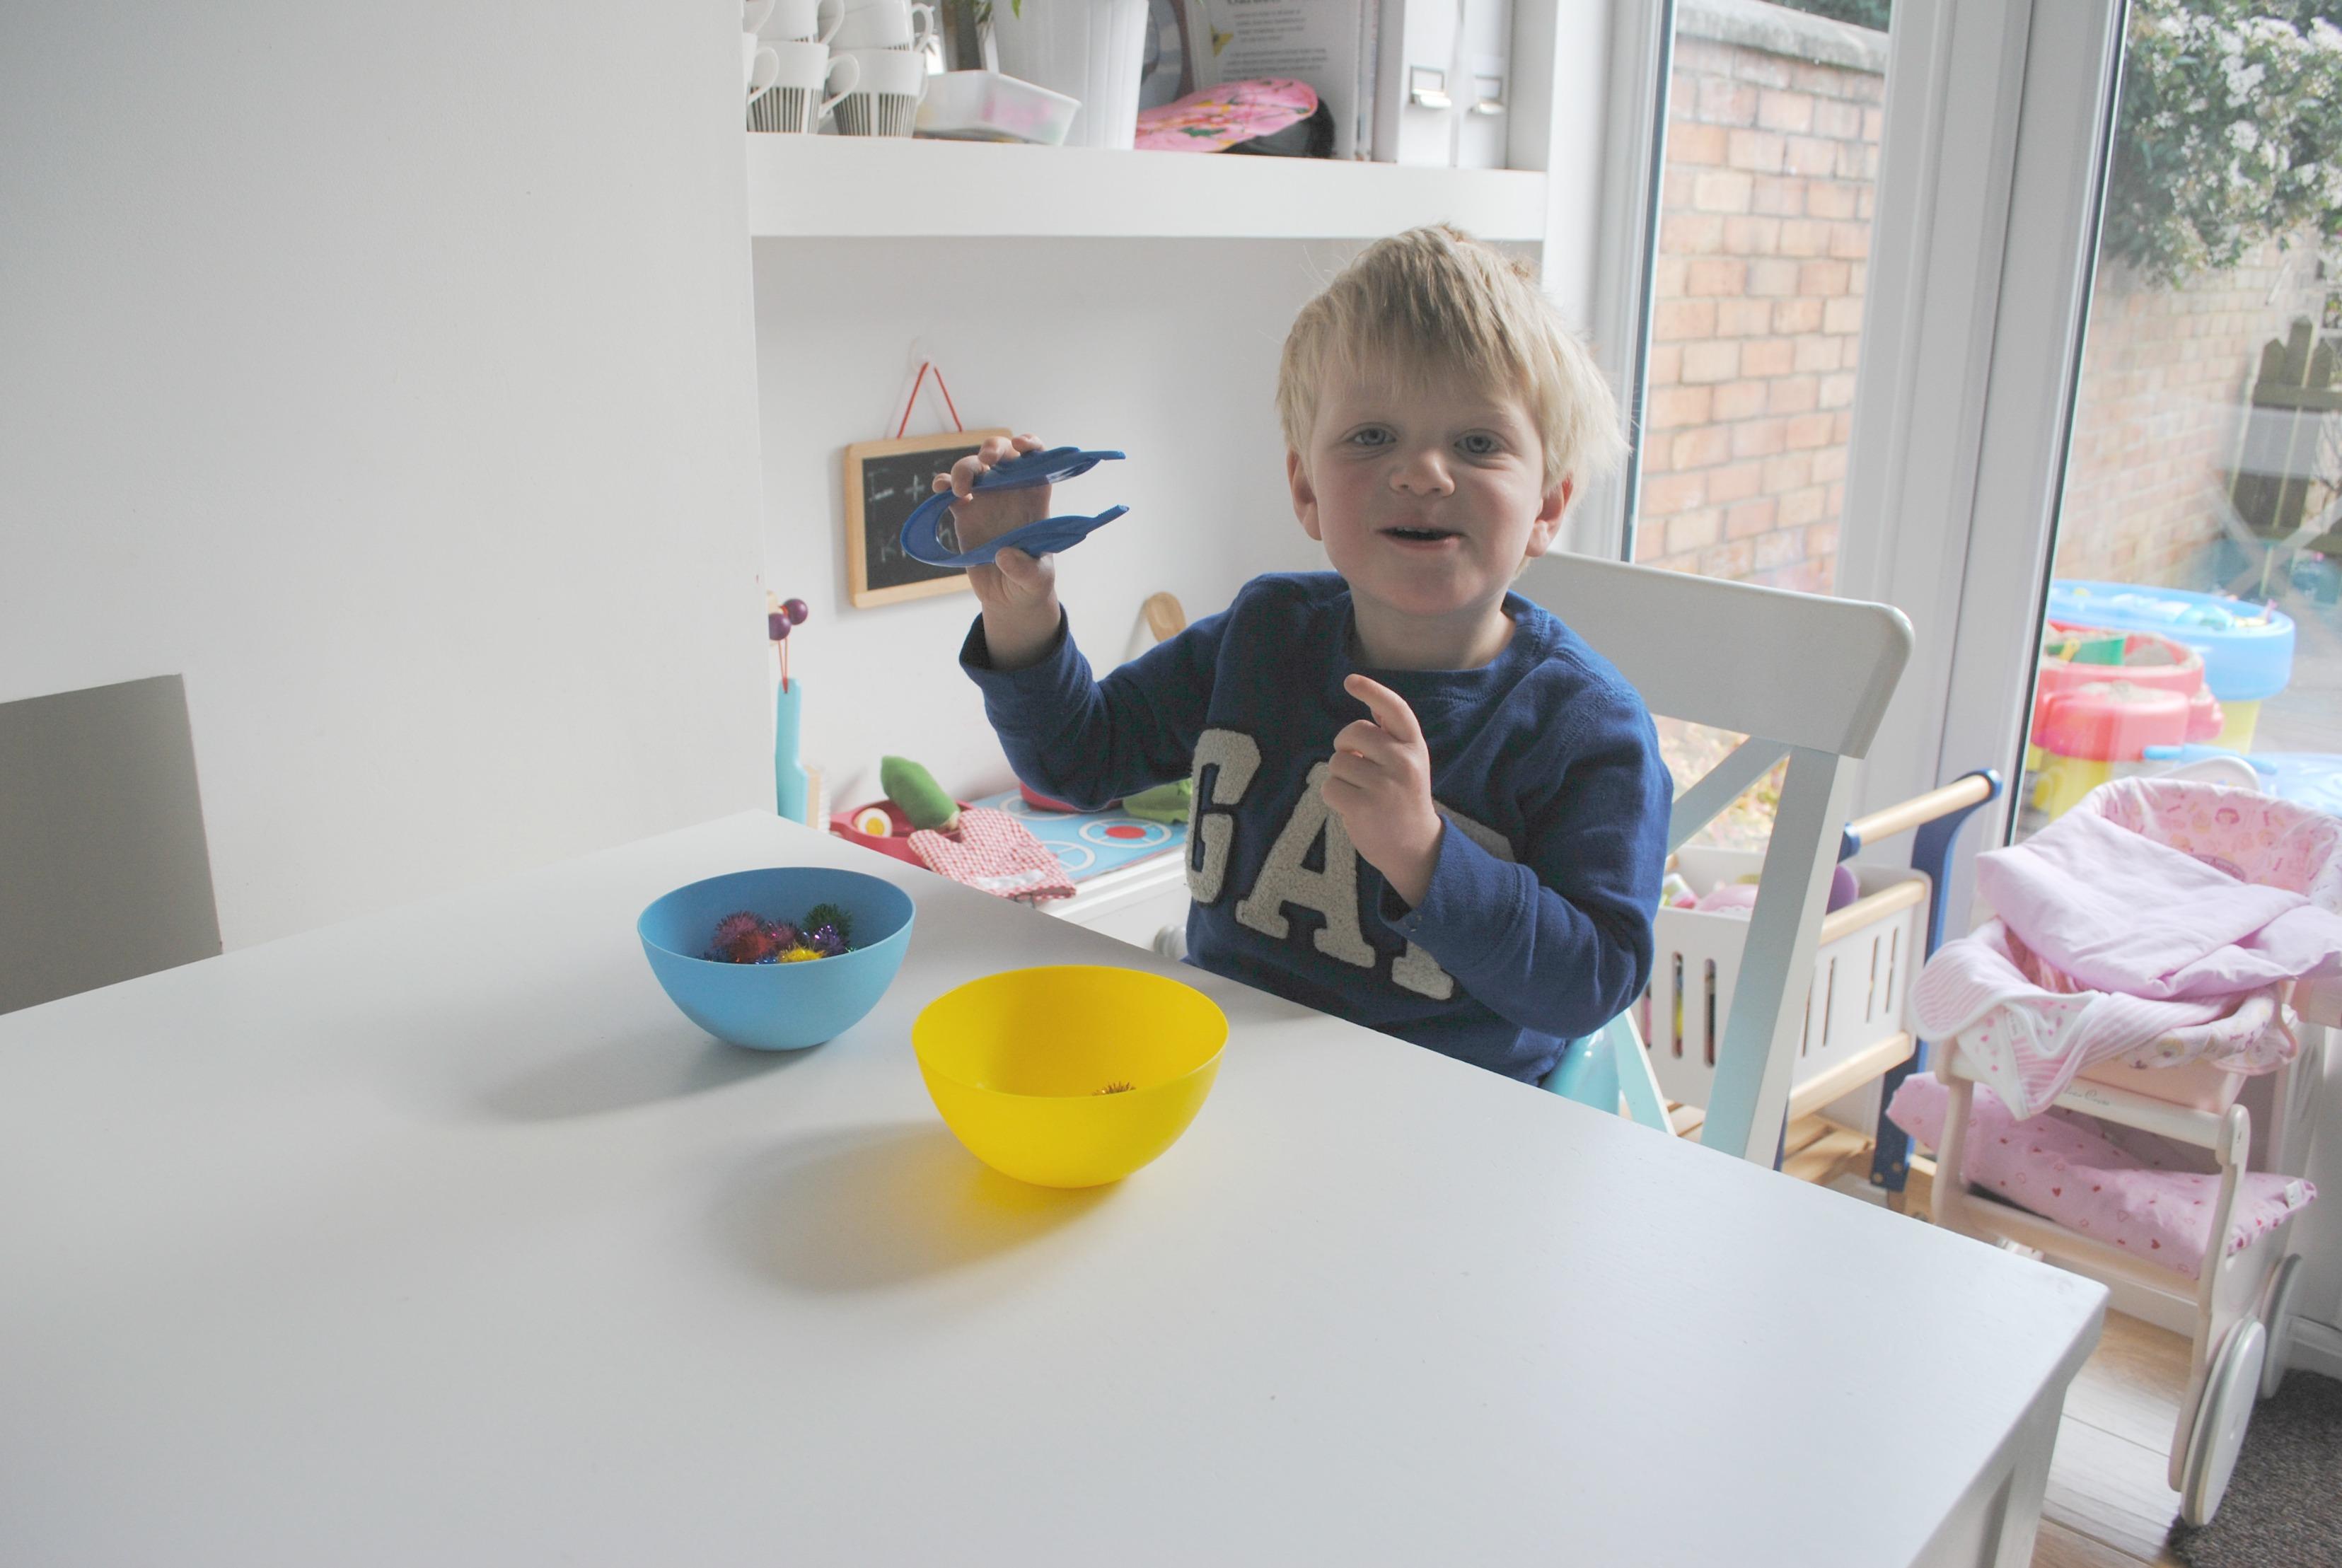 Montessori fine motor skill tweezer transferring activity for Montessori fine motor skills